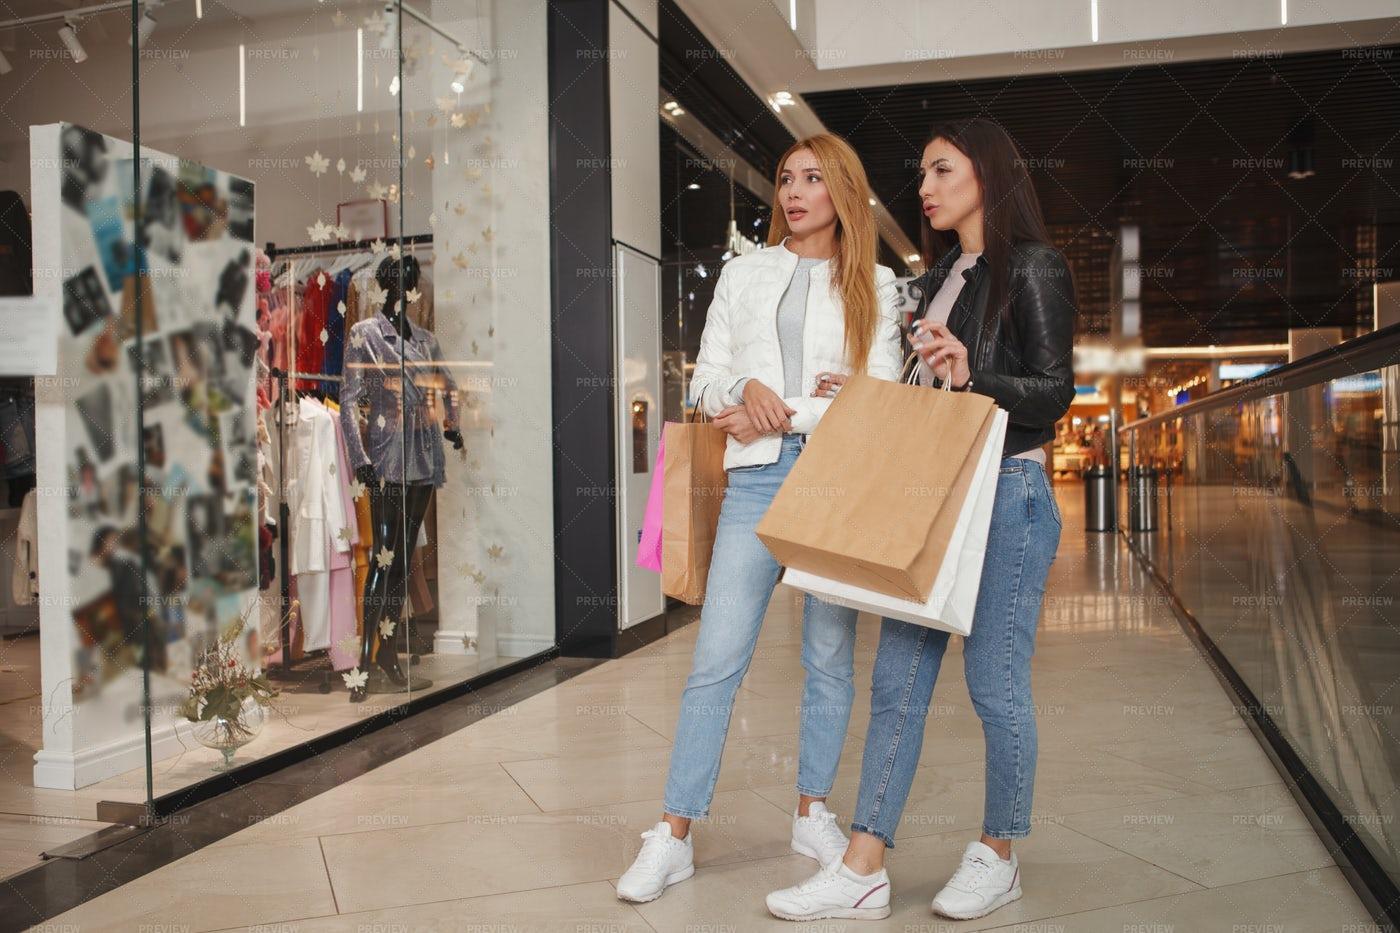 Women On Shopping Spree: Stock Photos